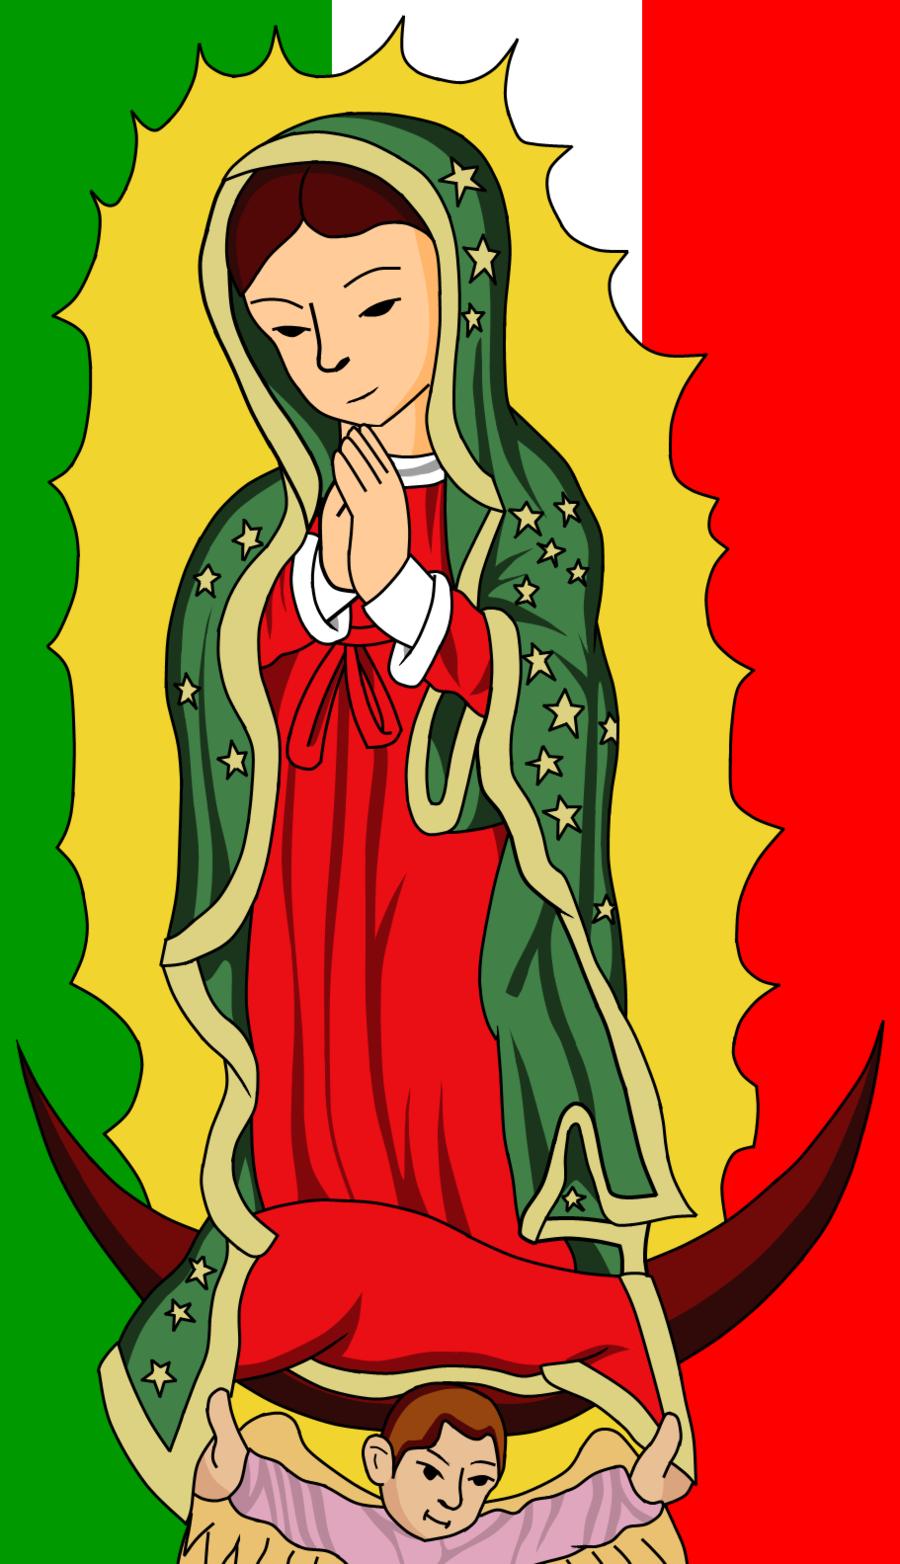 Imágenes de Virgen de Guadalupe de 12 de Diciembre